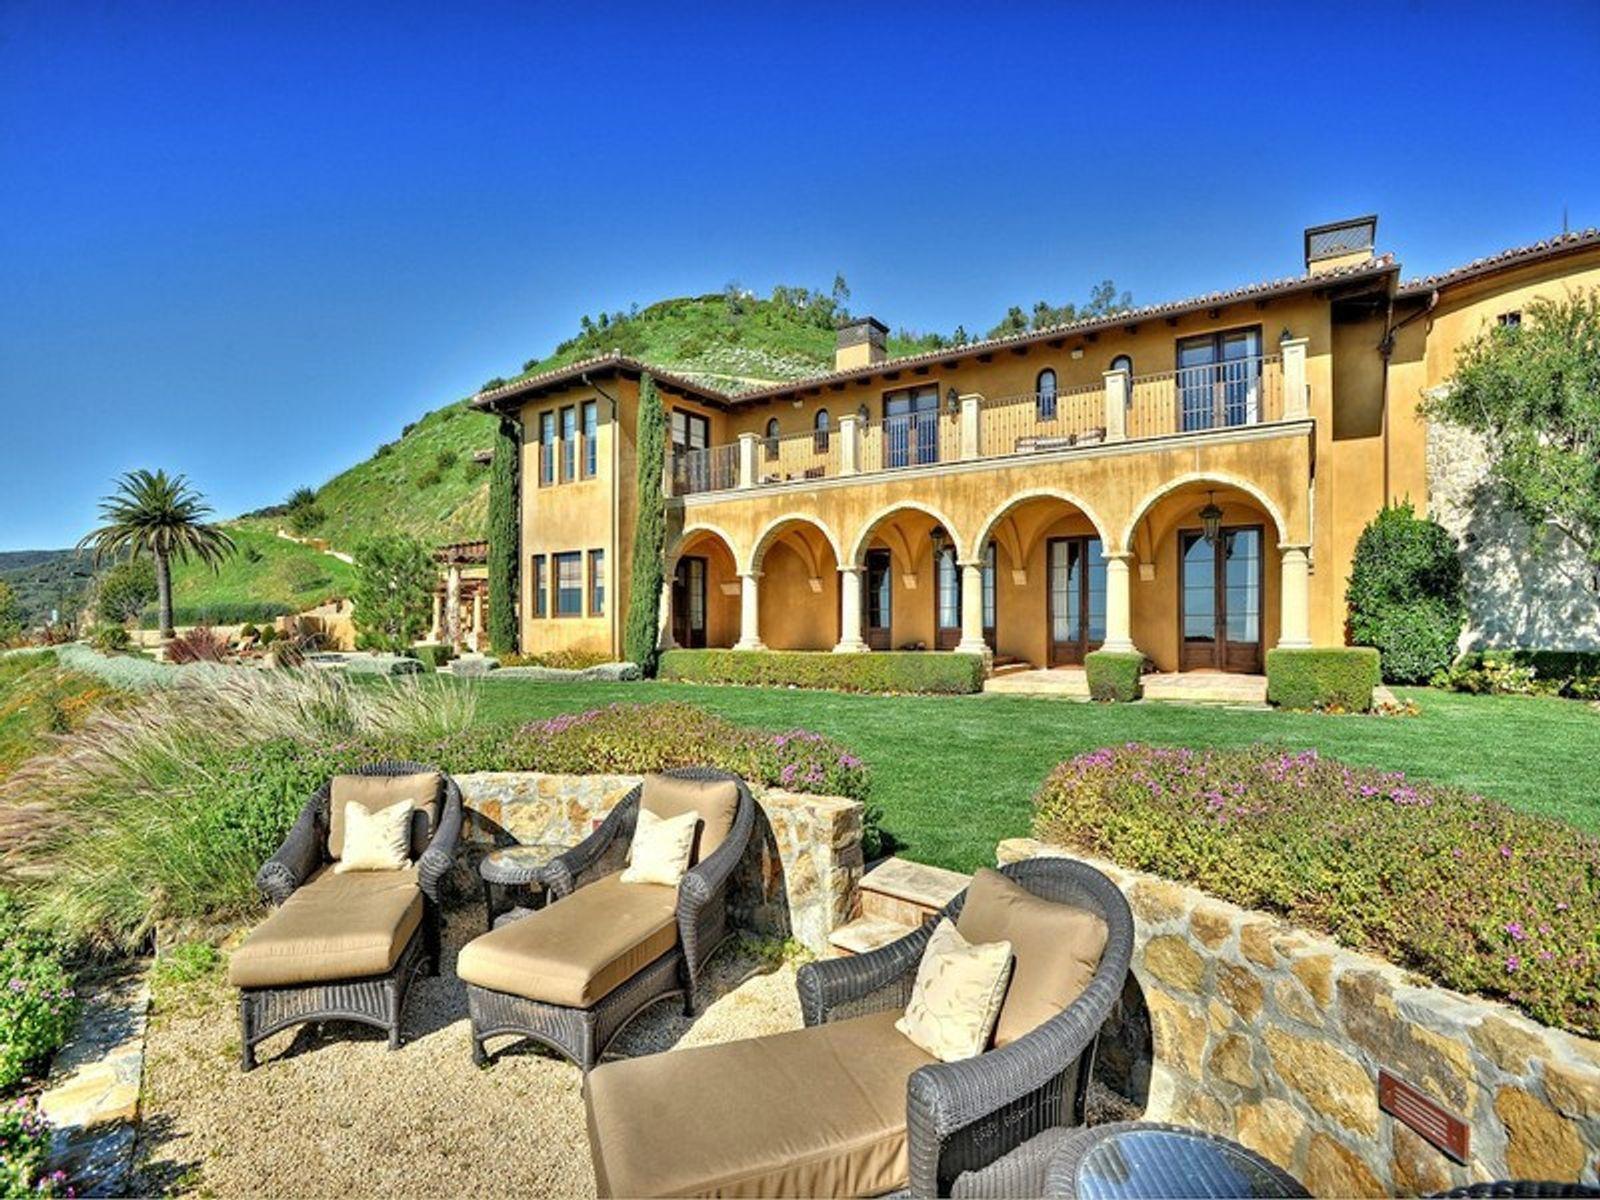 Contemporary Mediterranean Villa